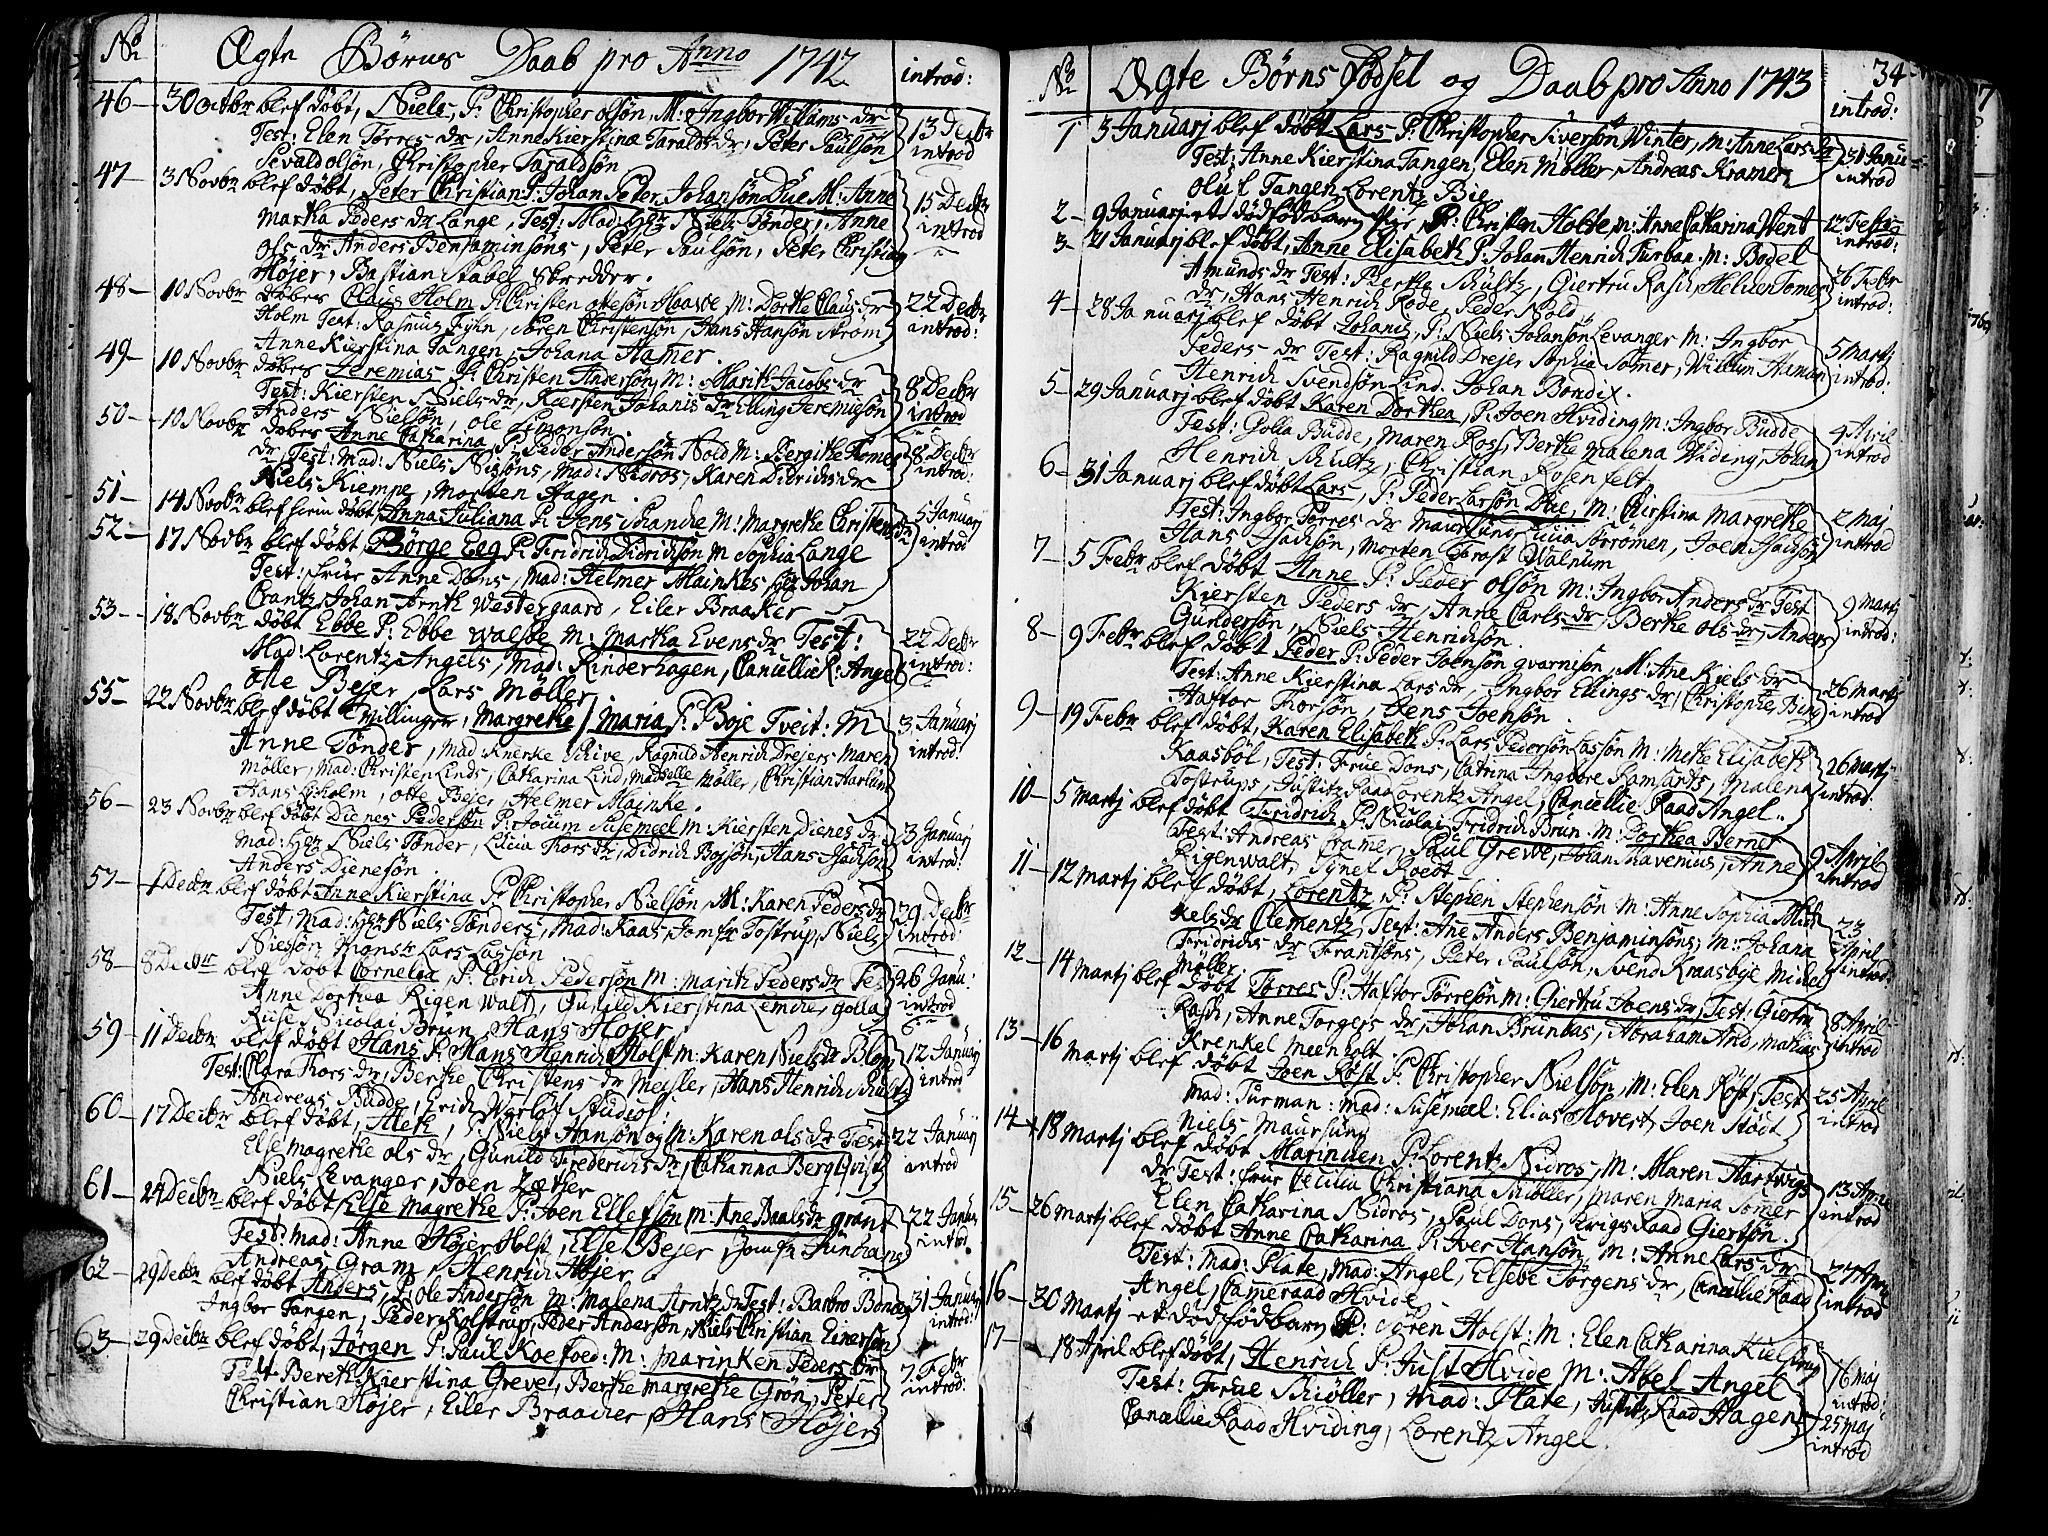 SAT, Ministerialprotokoller, klokkerbøker og fødselsregistre - Sør-Trøndelag, 602/L0103: Ministerialbok nr. 602A01, 1732-1774, s. 34